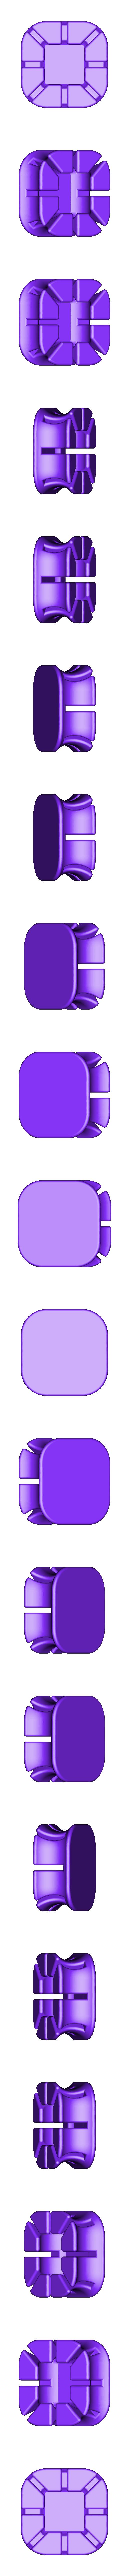 SMALL.stl Télécharger fichier STL gratuit Earbud holder - 3 sizes • Objet à imprimer en 3D, Heliox